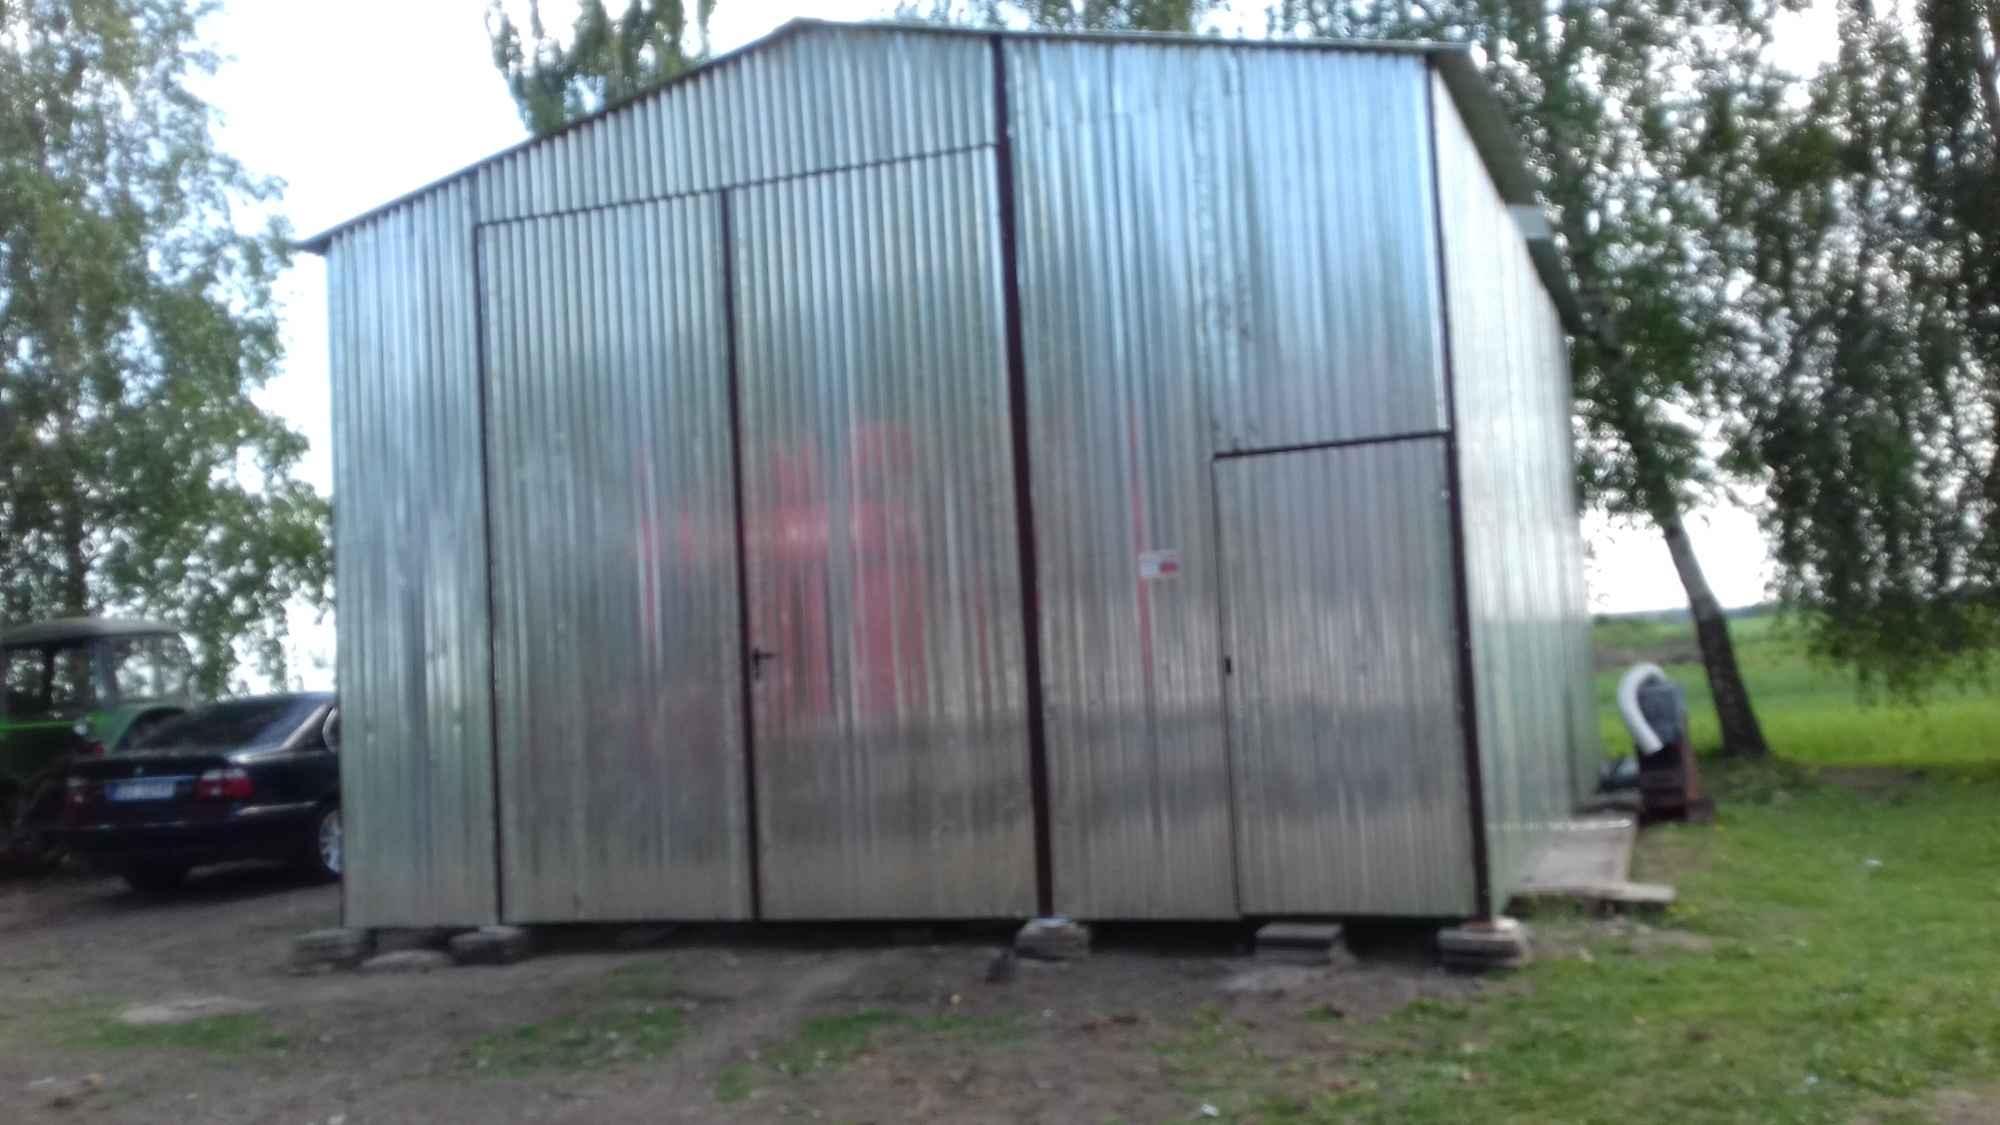 Garaże blaszane, blaszaki, schowki budowlane, kojce,wiaty, hale. Szczecin - zdjęcie 6